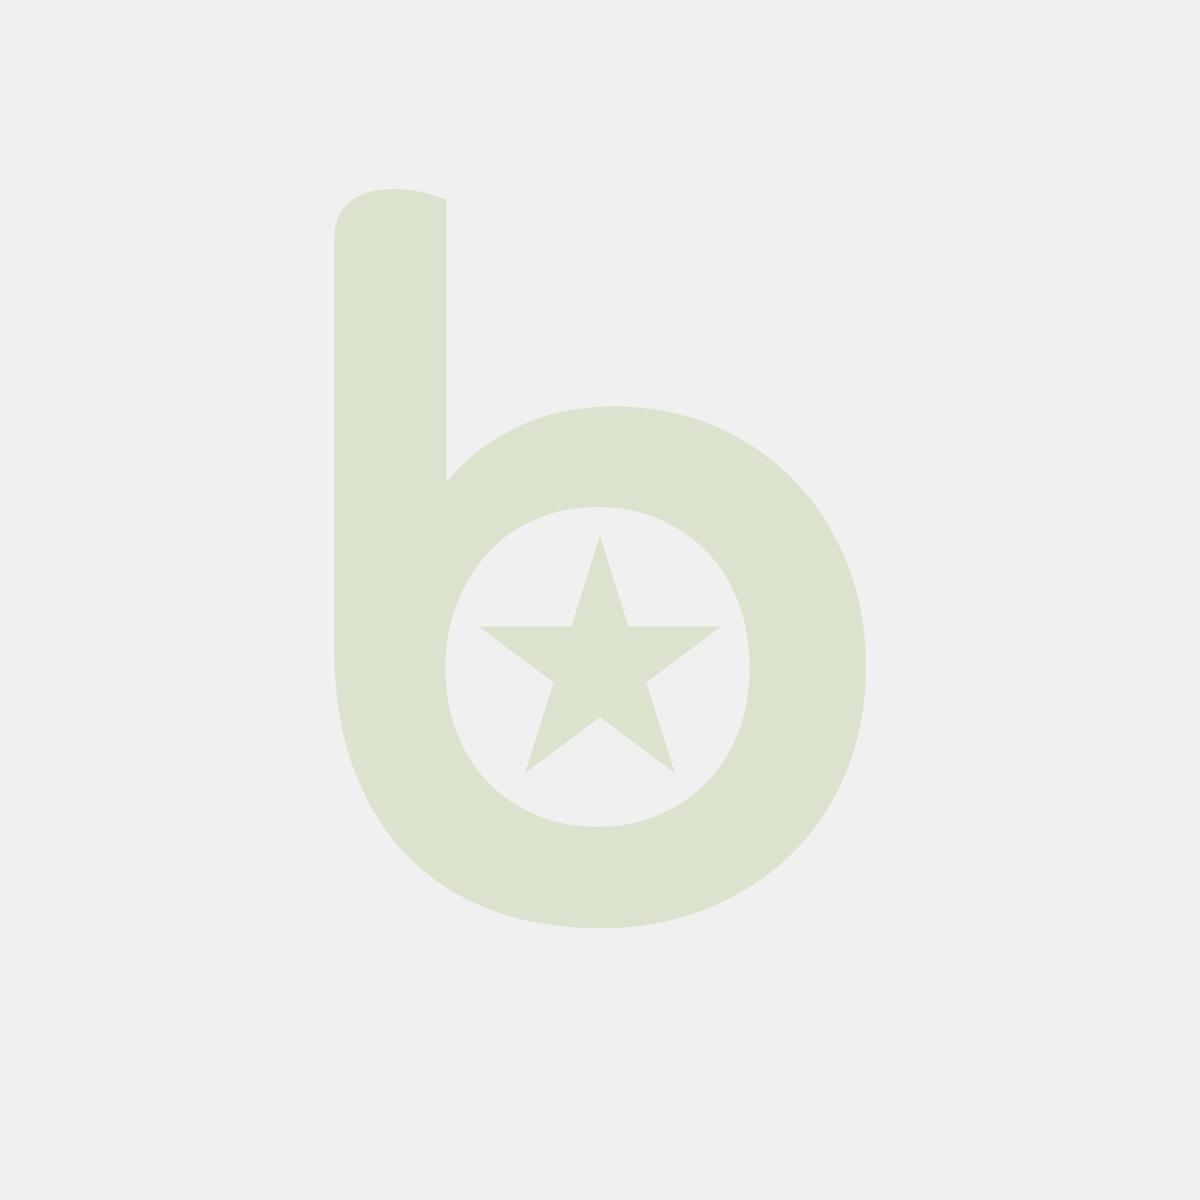 Papier brązowy w roli 50cm z nadrukiem CERTYFIKAT DOBREGO SMAKU -10kg